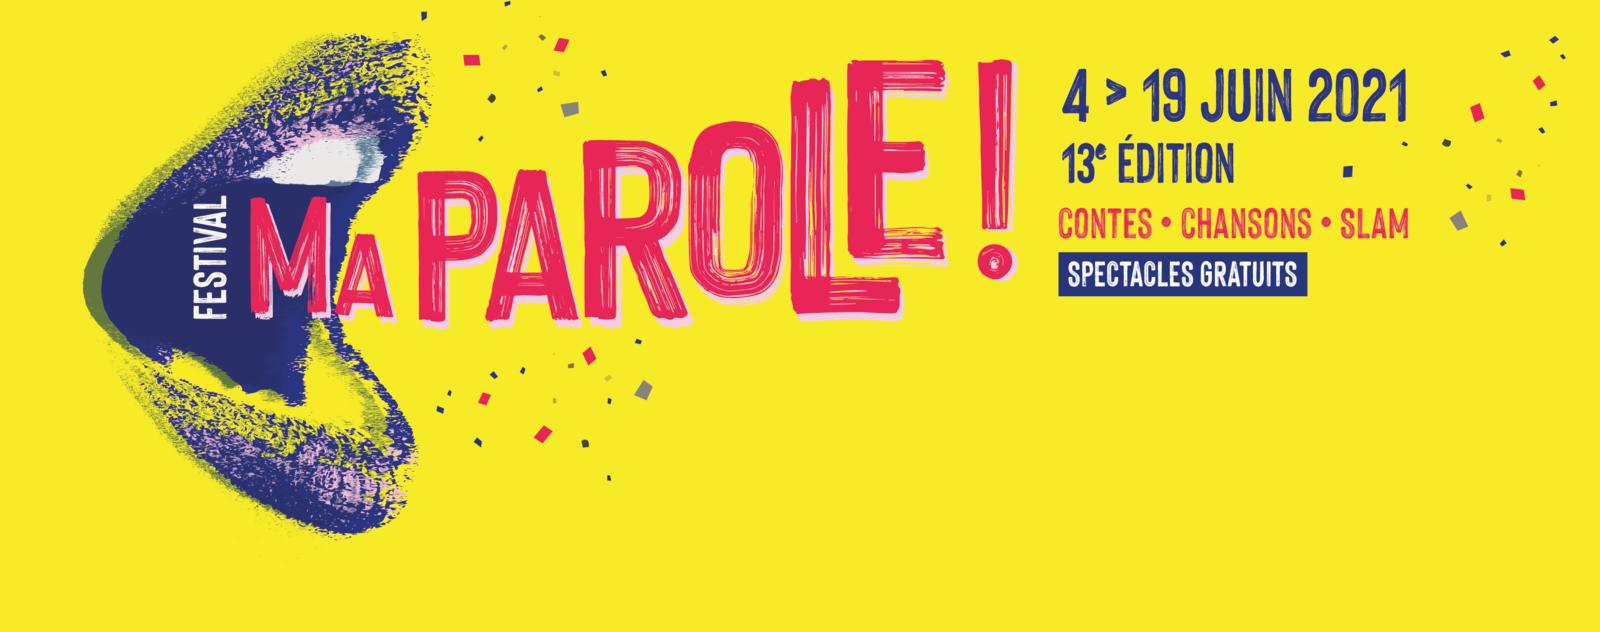 #CALVADOS - Festival MA PAROLE 2021 ! Programme